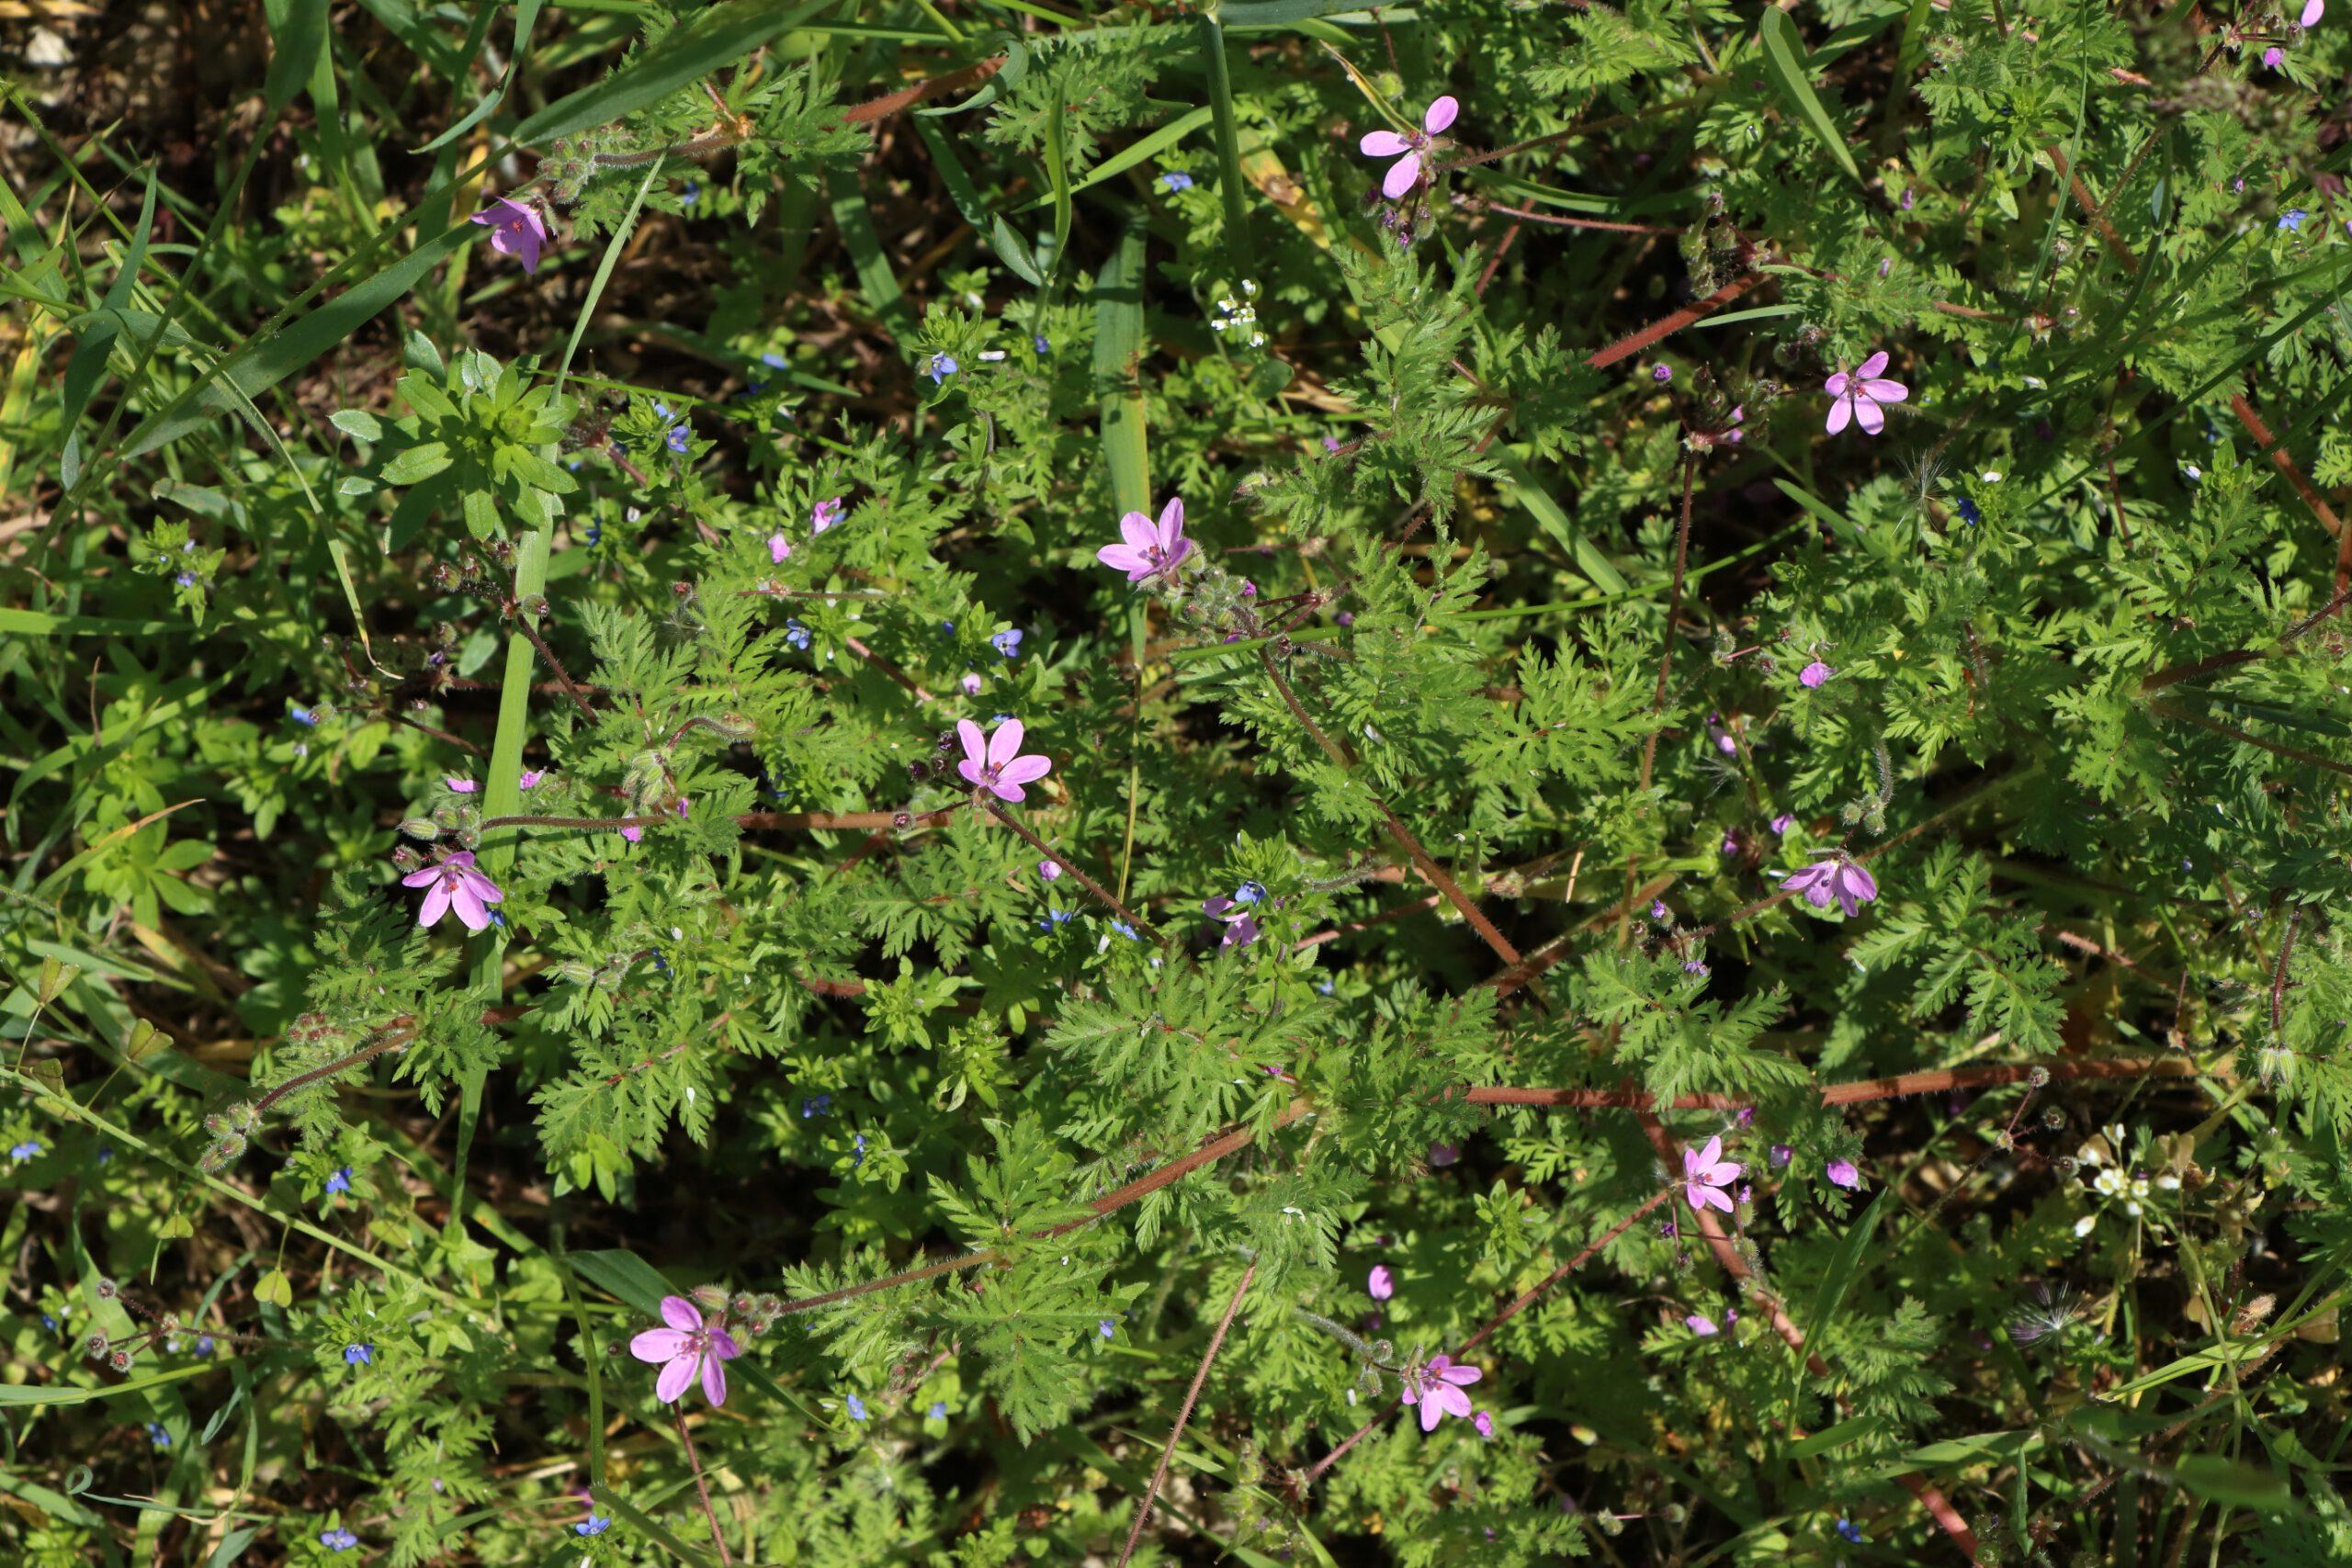 Gewöhnlicher Storchenschnabel - Gesamte Pflanze